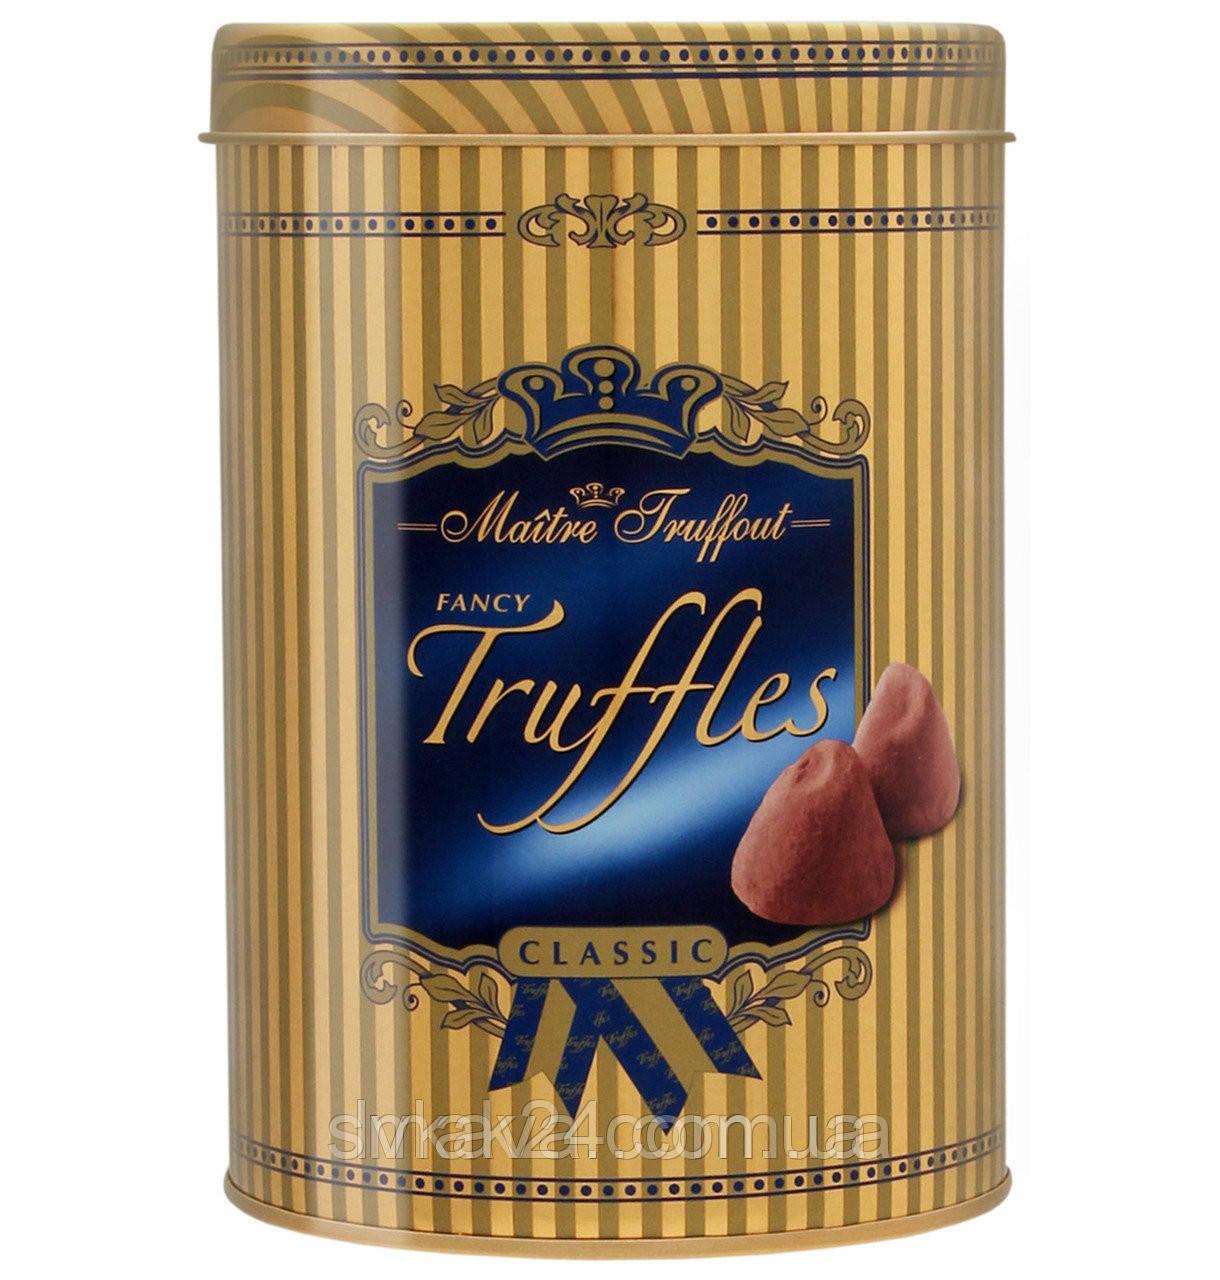 Цукерки шоколадні Truffles Fancy (Трюфелі фантазії) Mautre Ttuffout Австрія 500г